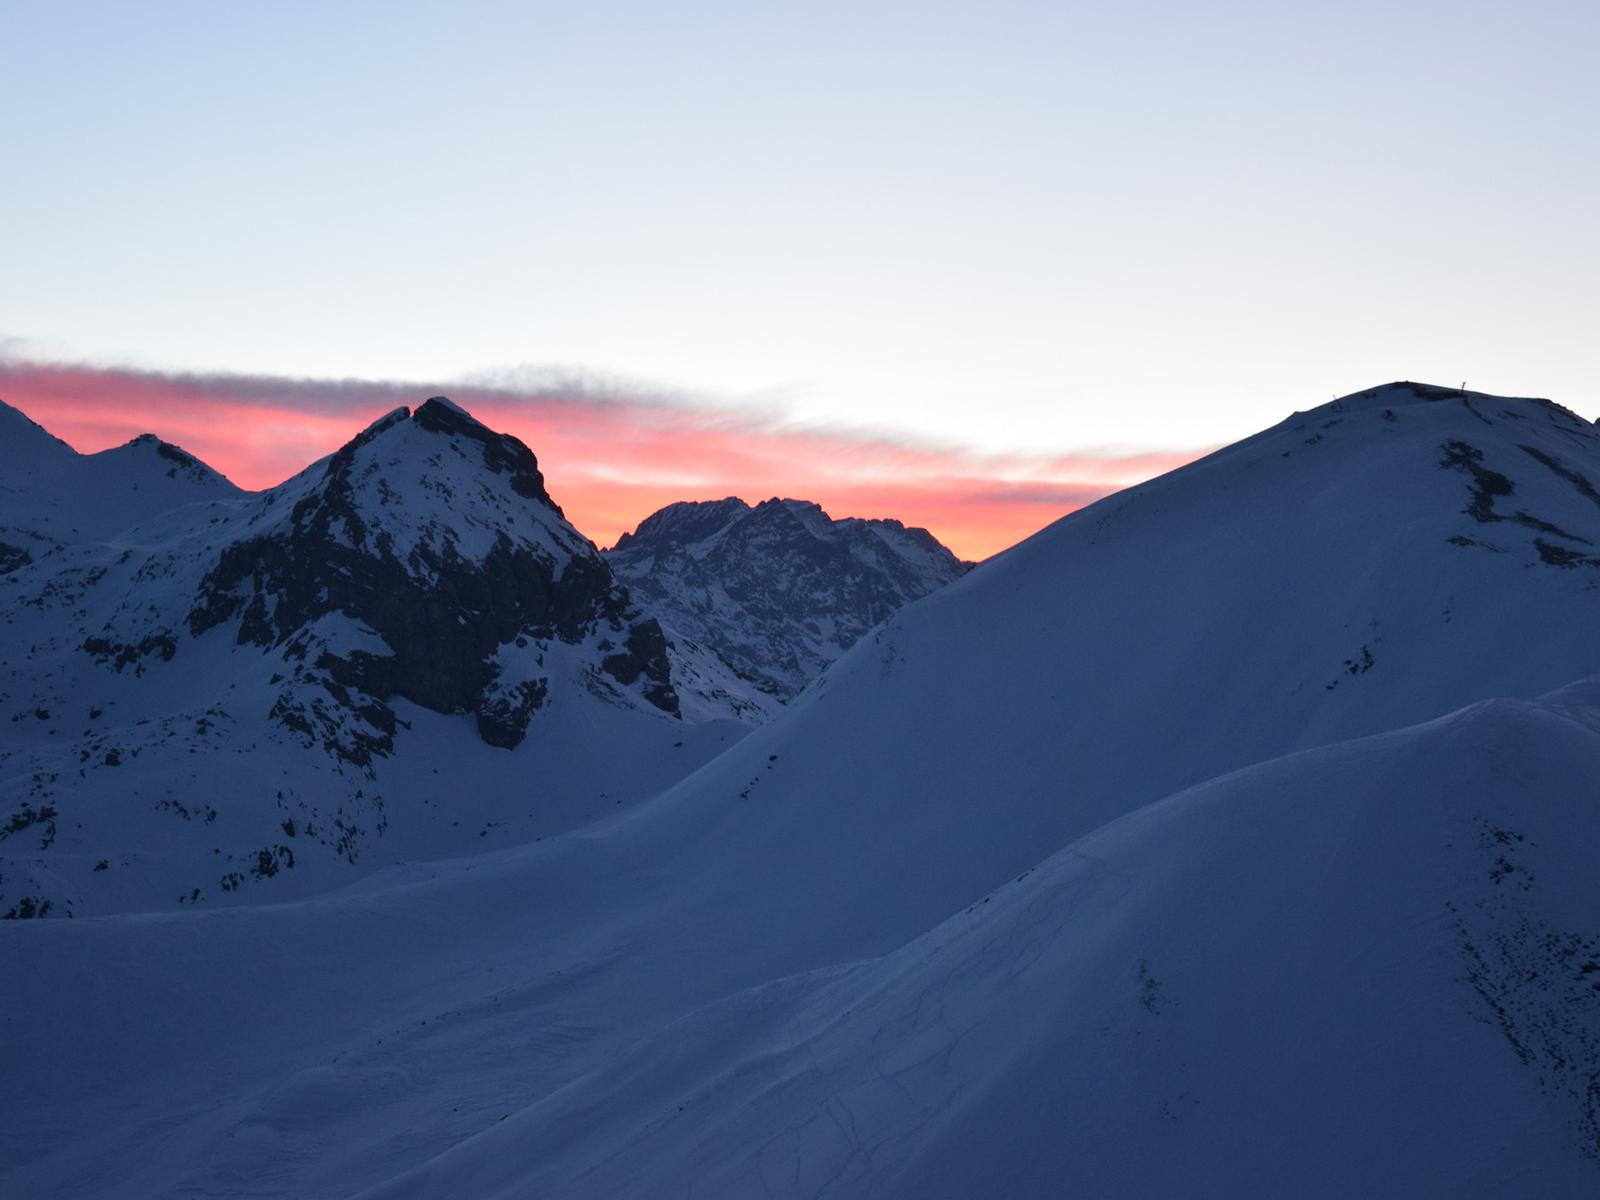 sur-les-pistes-de-ski-majeste-domaine-serre-chevalier